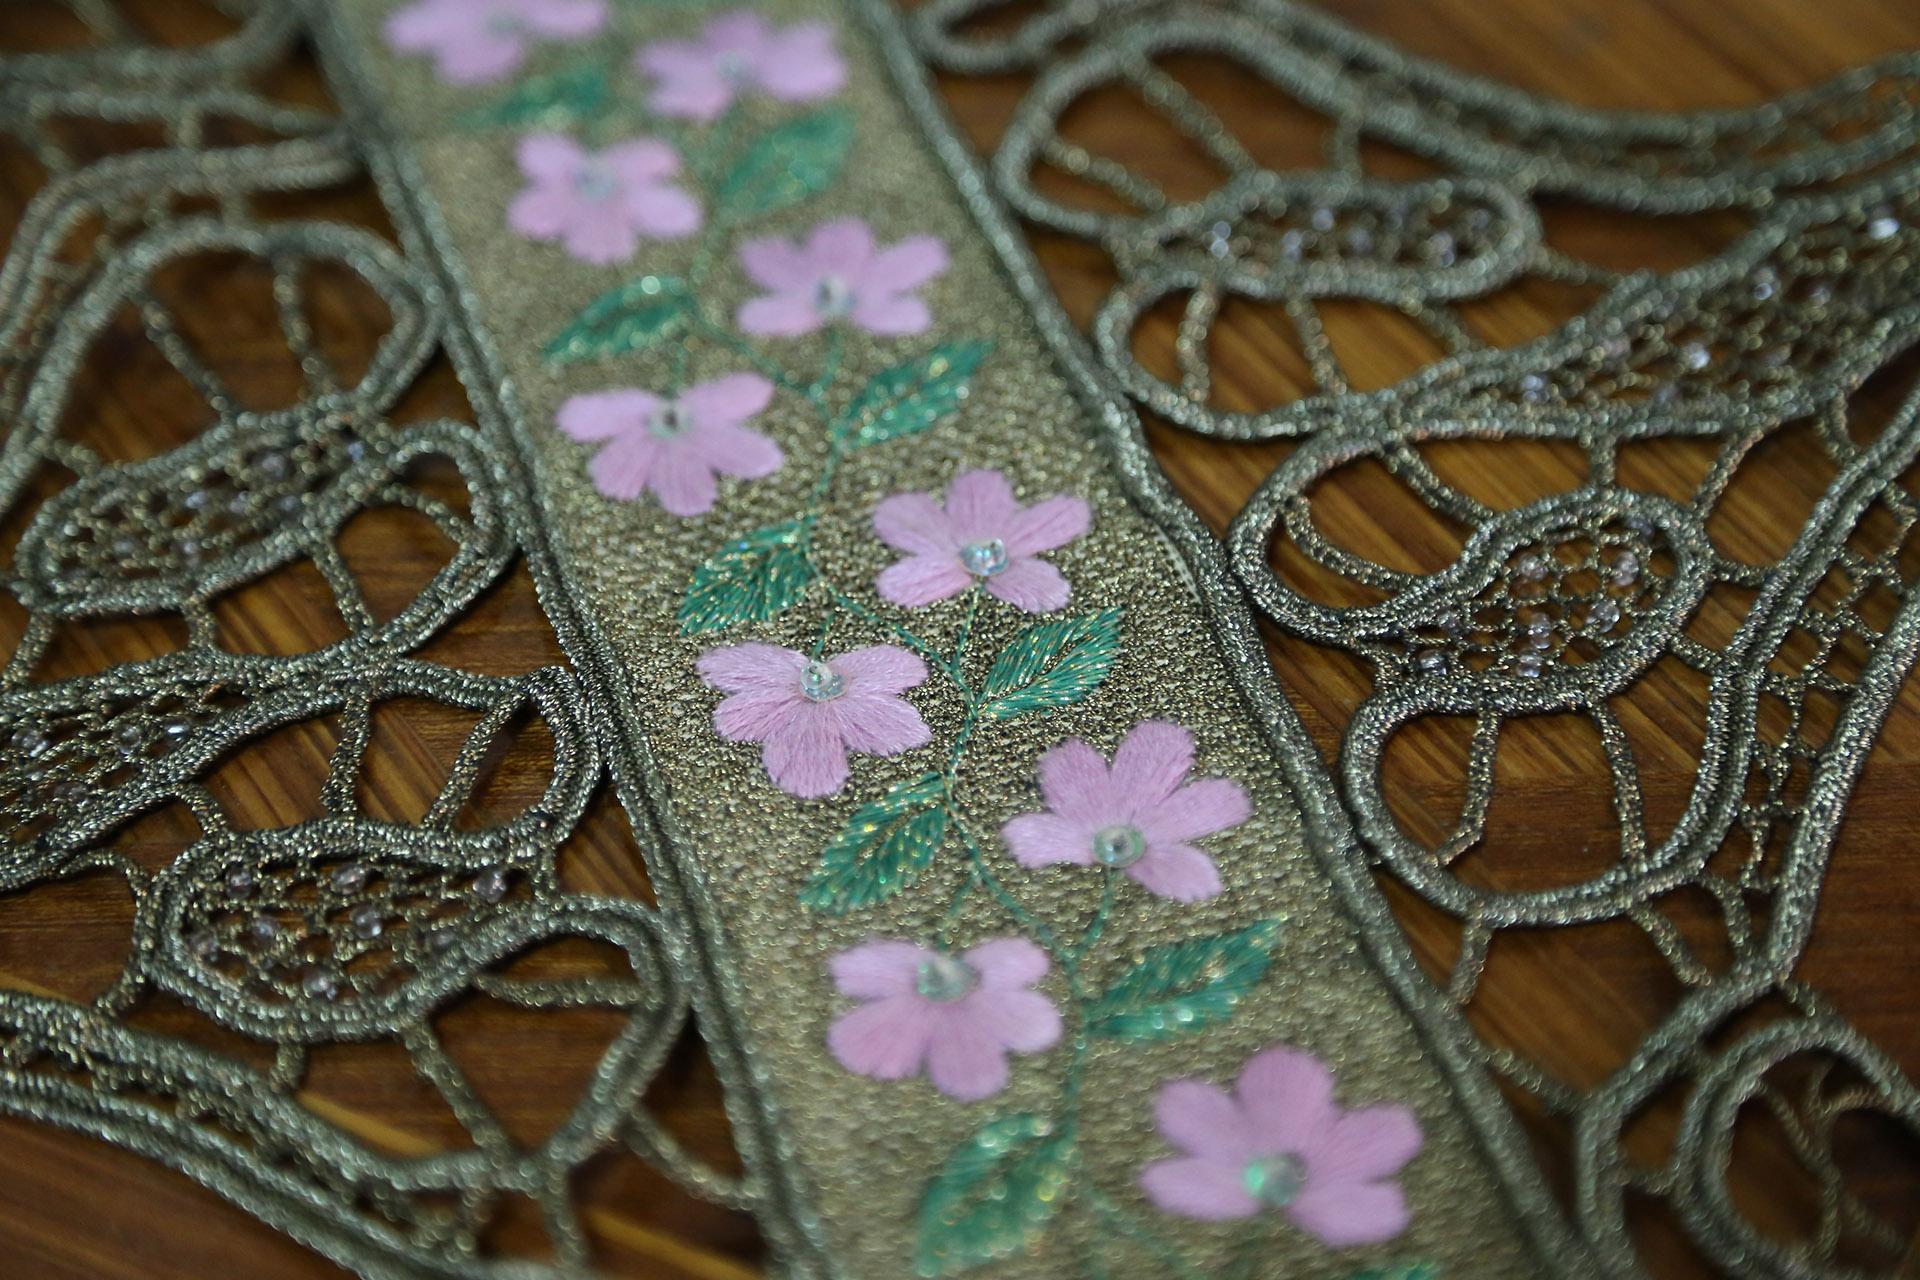 Τραβέρσα Λασέ Χειρός - Σταυροβελονιά με Χρυσοκλωστή και Ροζ Λουλούδια